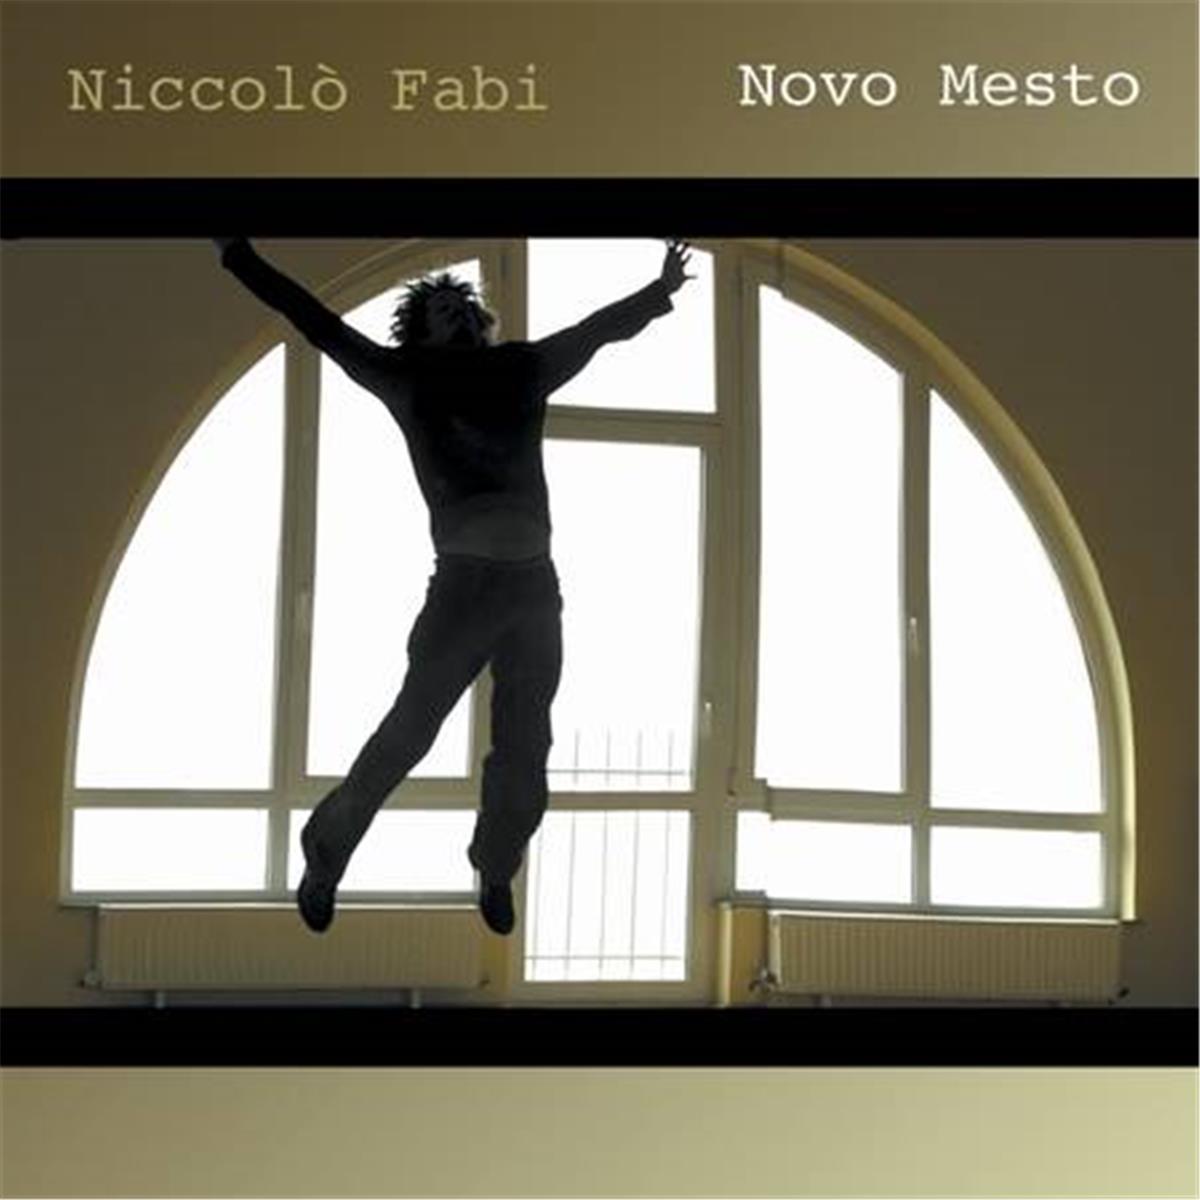 Copertina Vinile 33 giri Novo Mesto di Niccolò Fabi